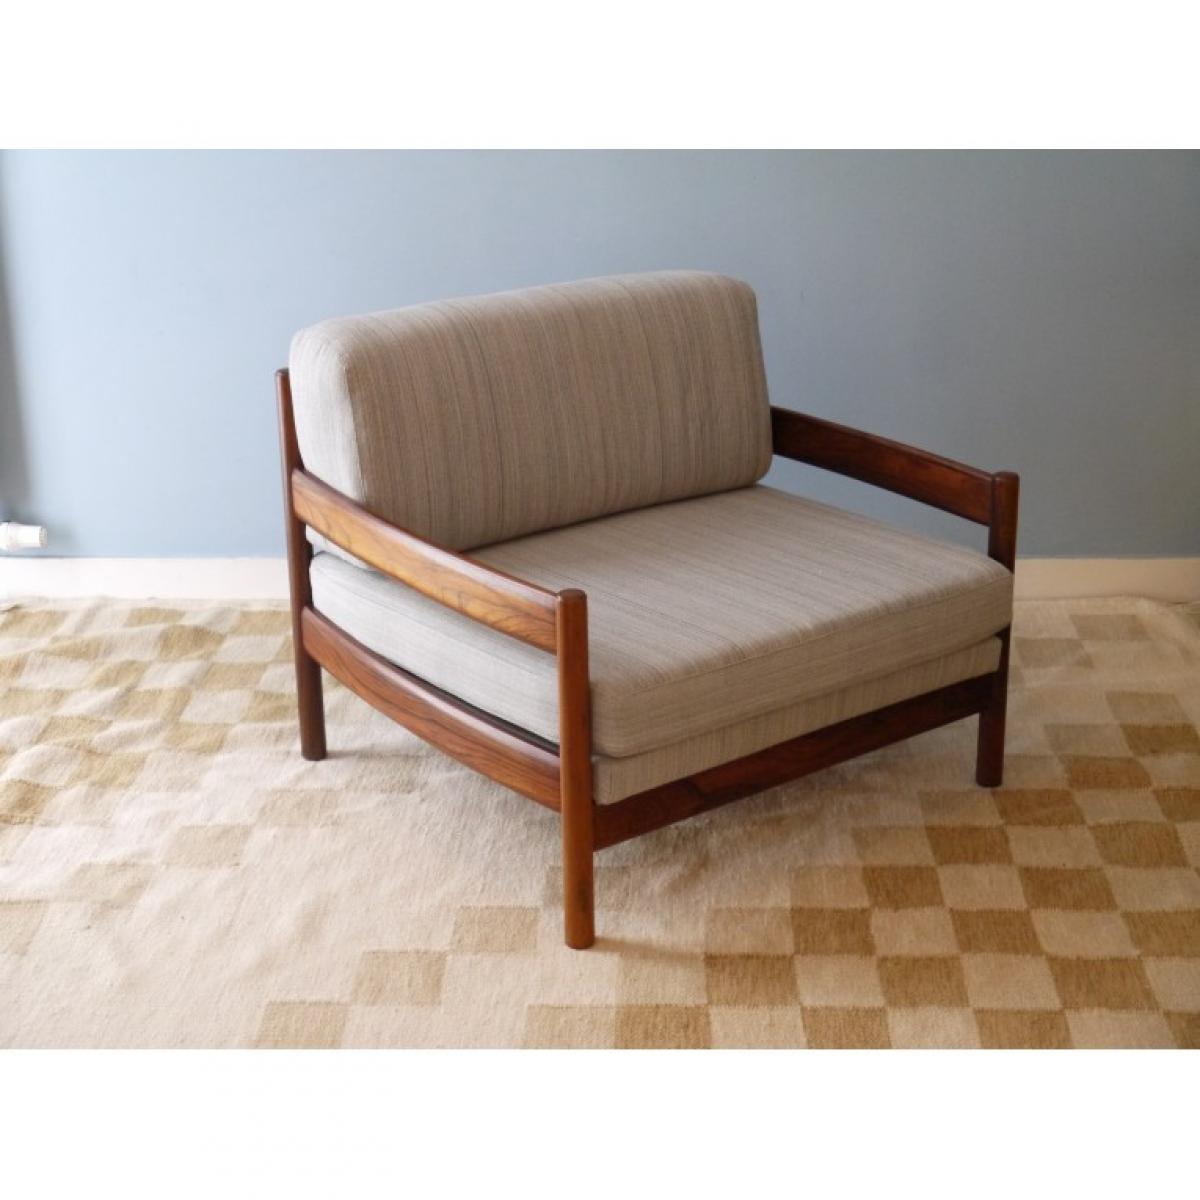 Fauteuil design vintage scandinave en palissandre de Rio,   Home ...